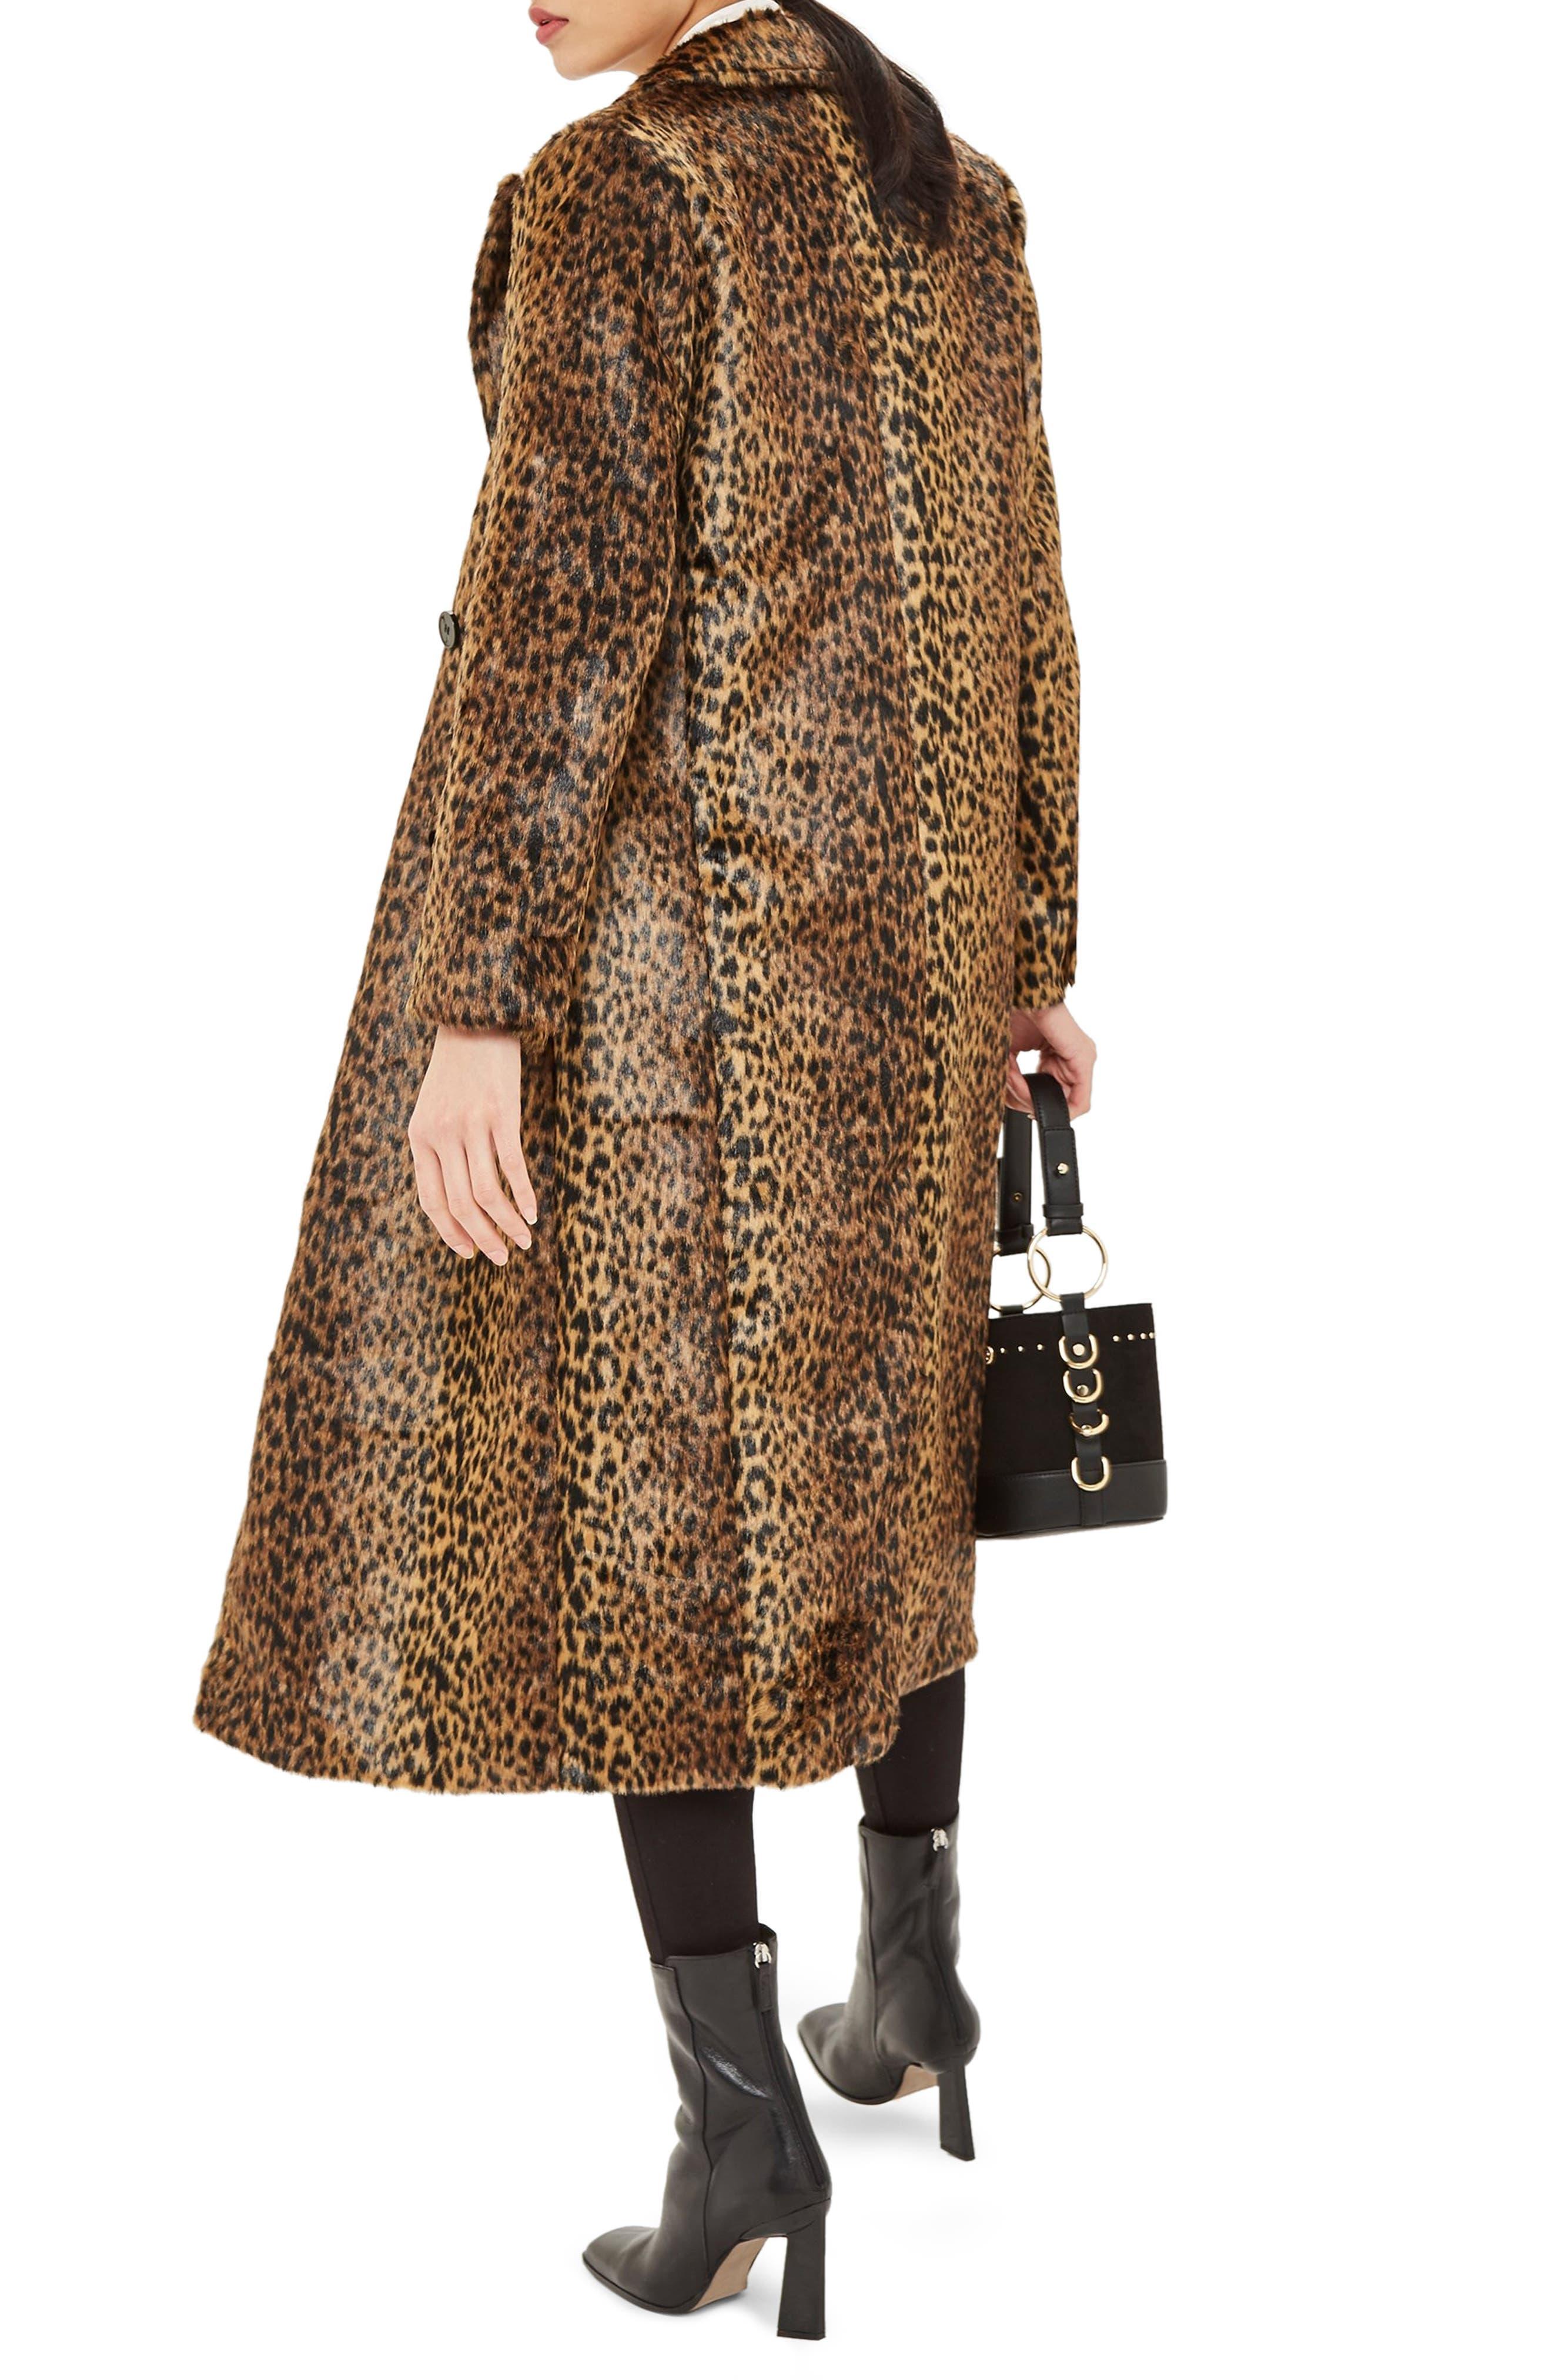 TOPSHOP,                             Toni Faux Fur Leopard Long Coat,                             Alternate thumbnail 2, color,                             200